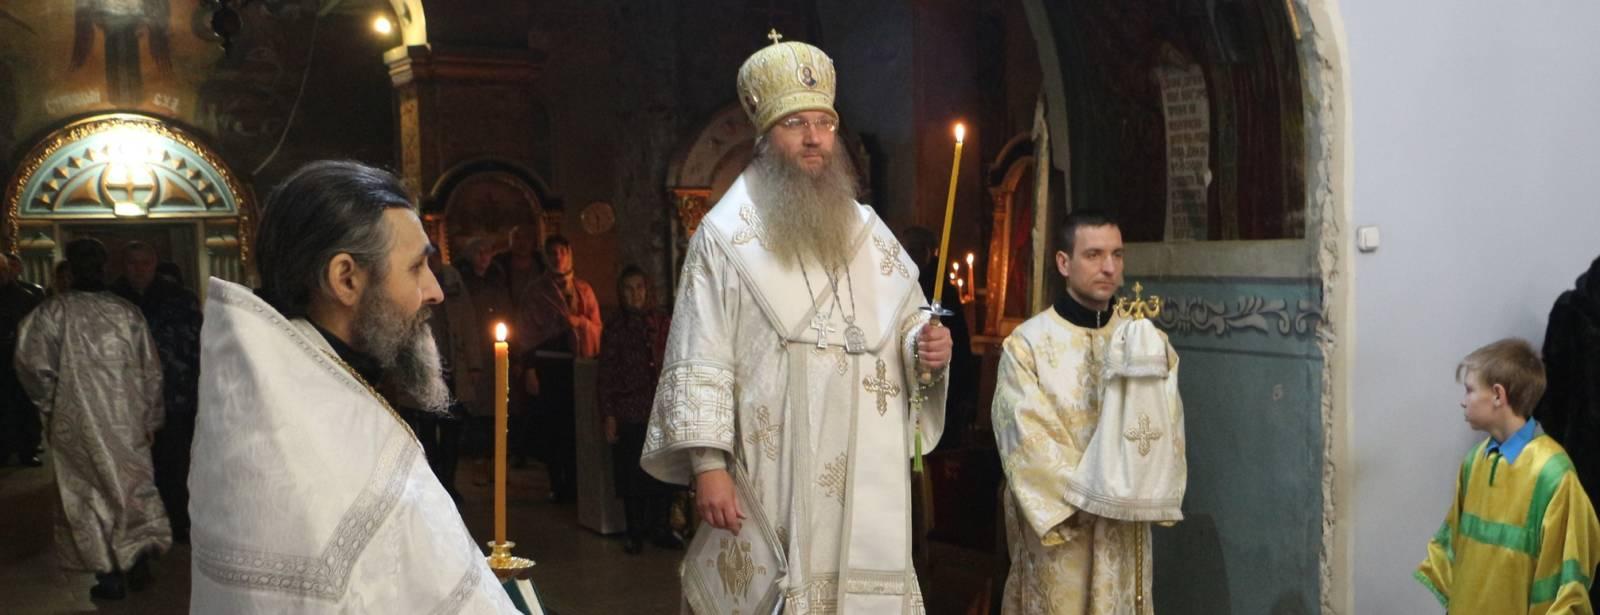 Служение епископа Елисея в канун дня памяти Свт. Филиппа в Покровском кафедральном соборе г. Урюпинска.